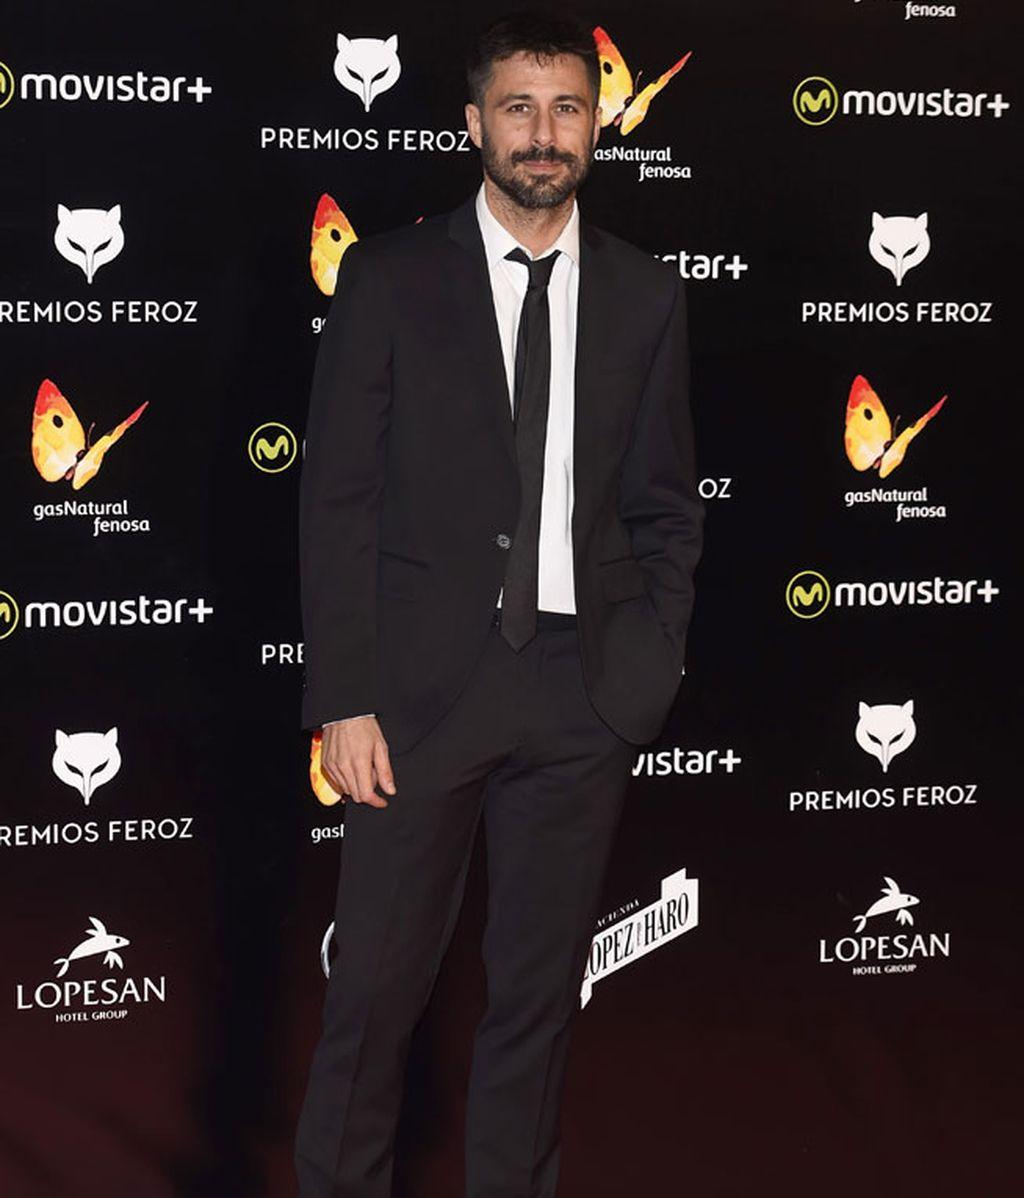 Hugo Silva de traje, con camisa blanca y corbata negra